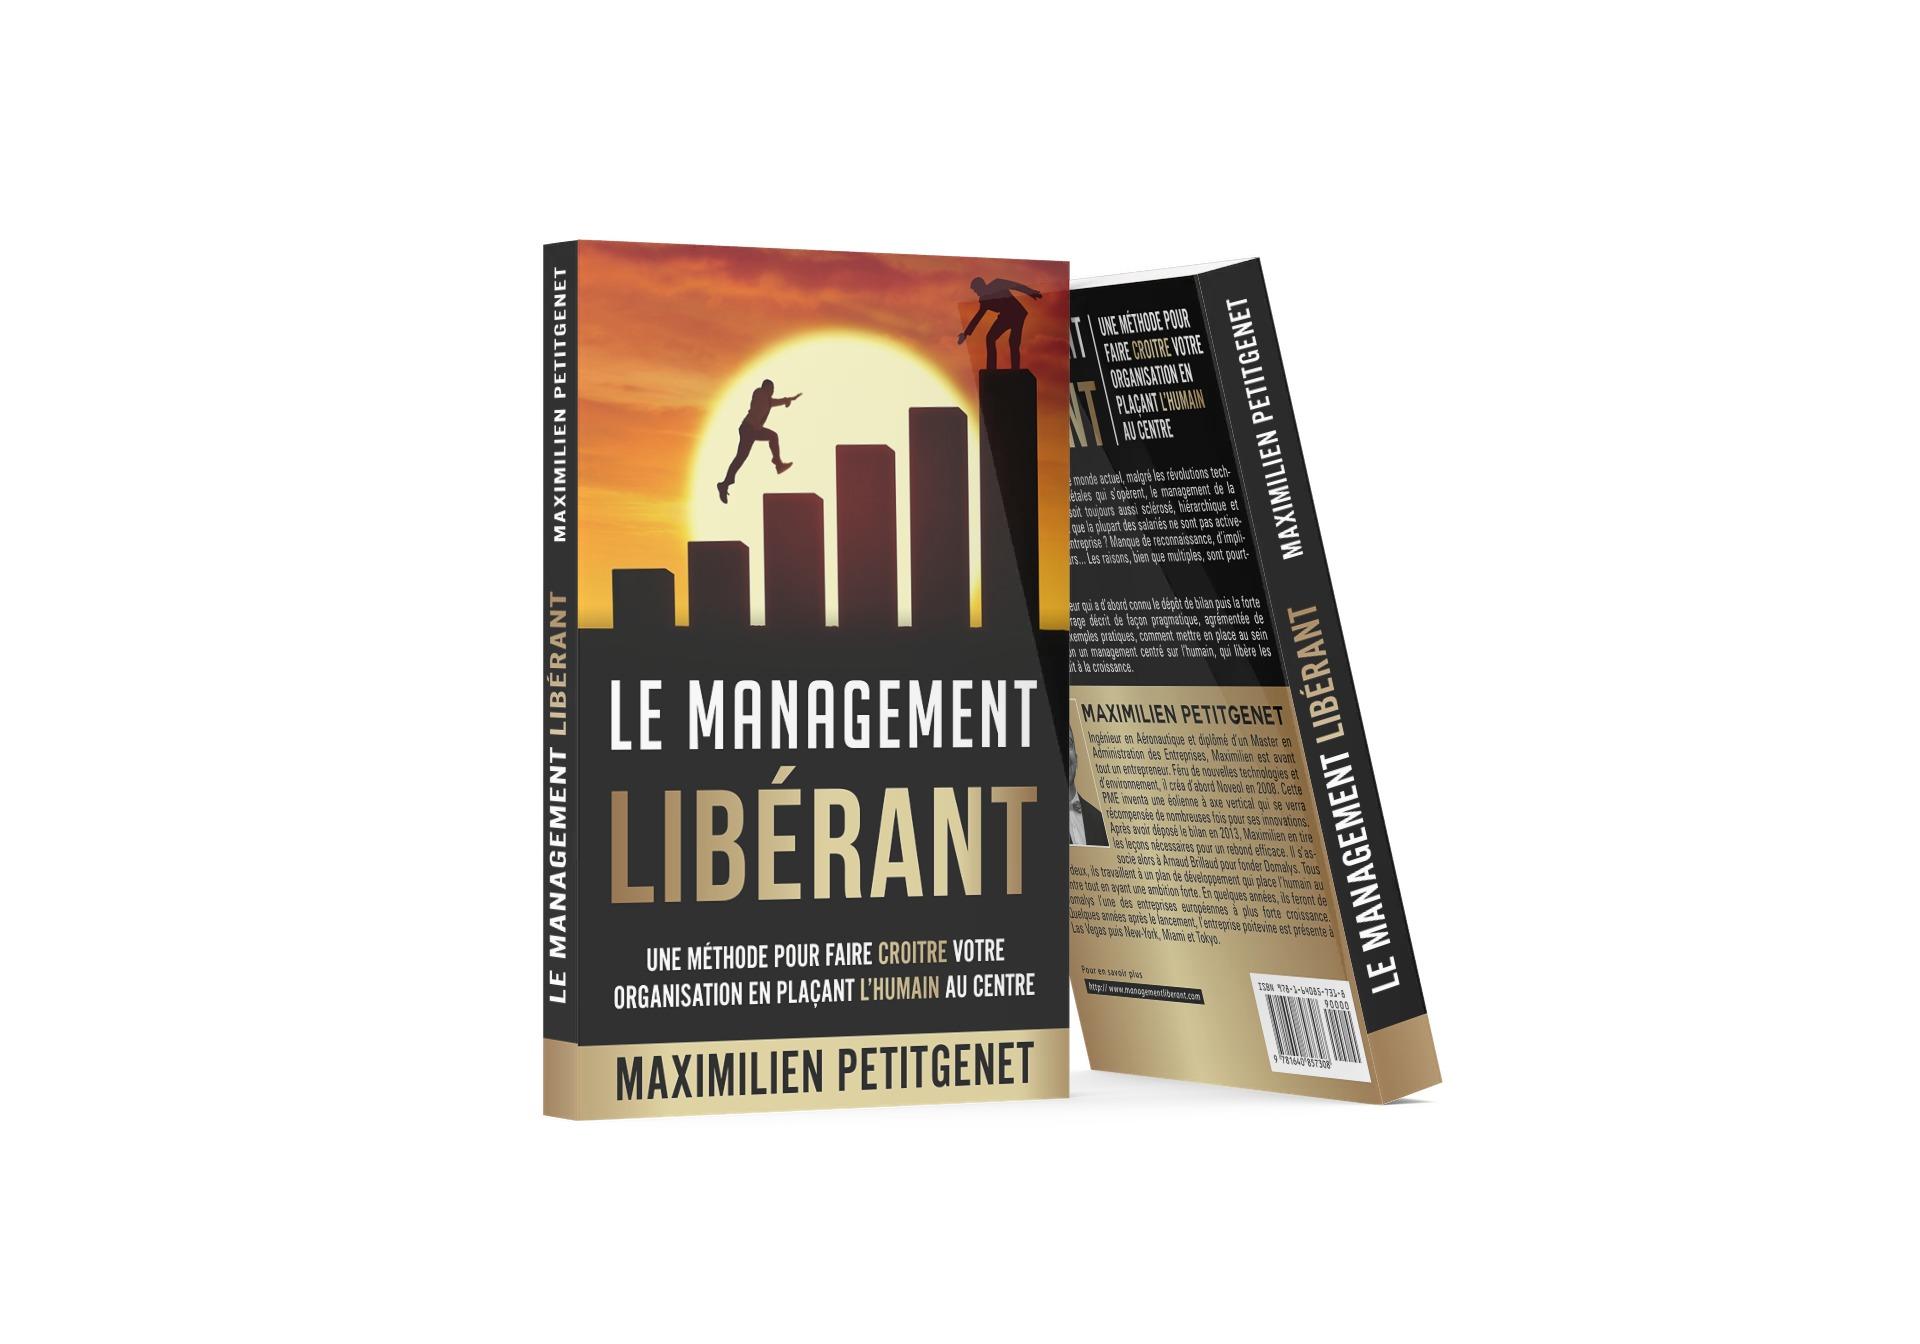 Management libérant, le livre